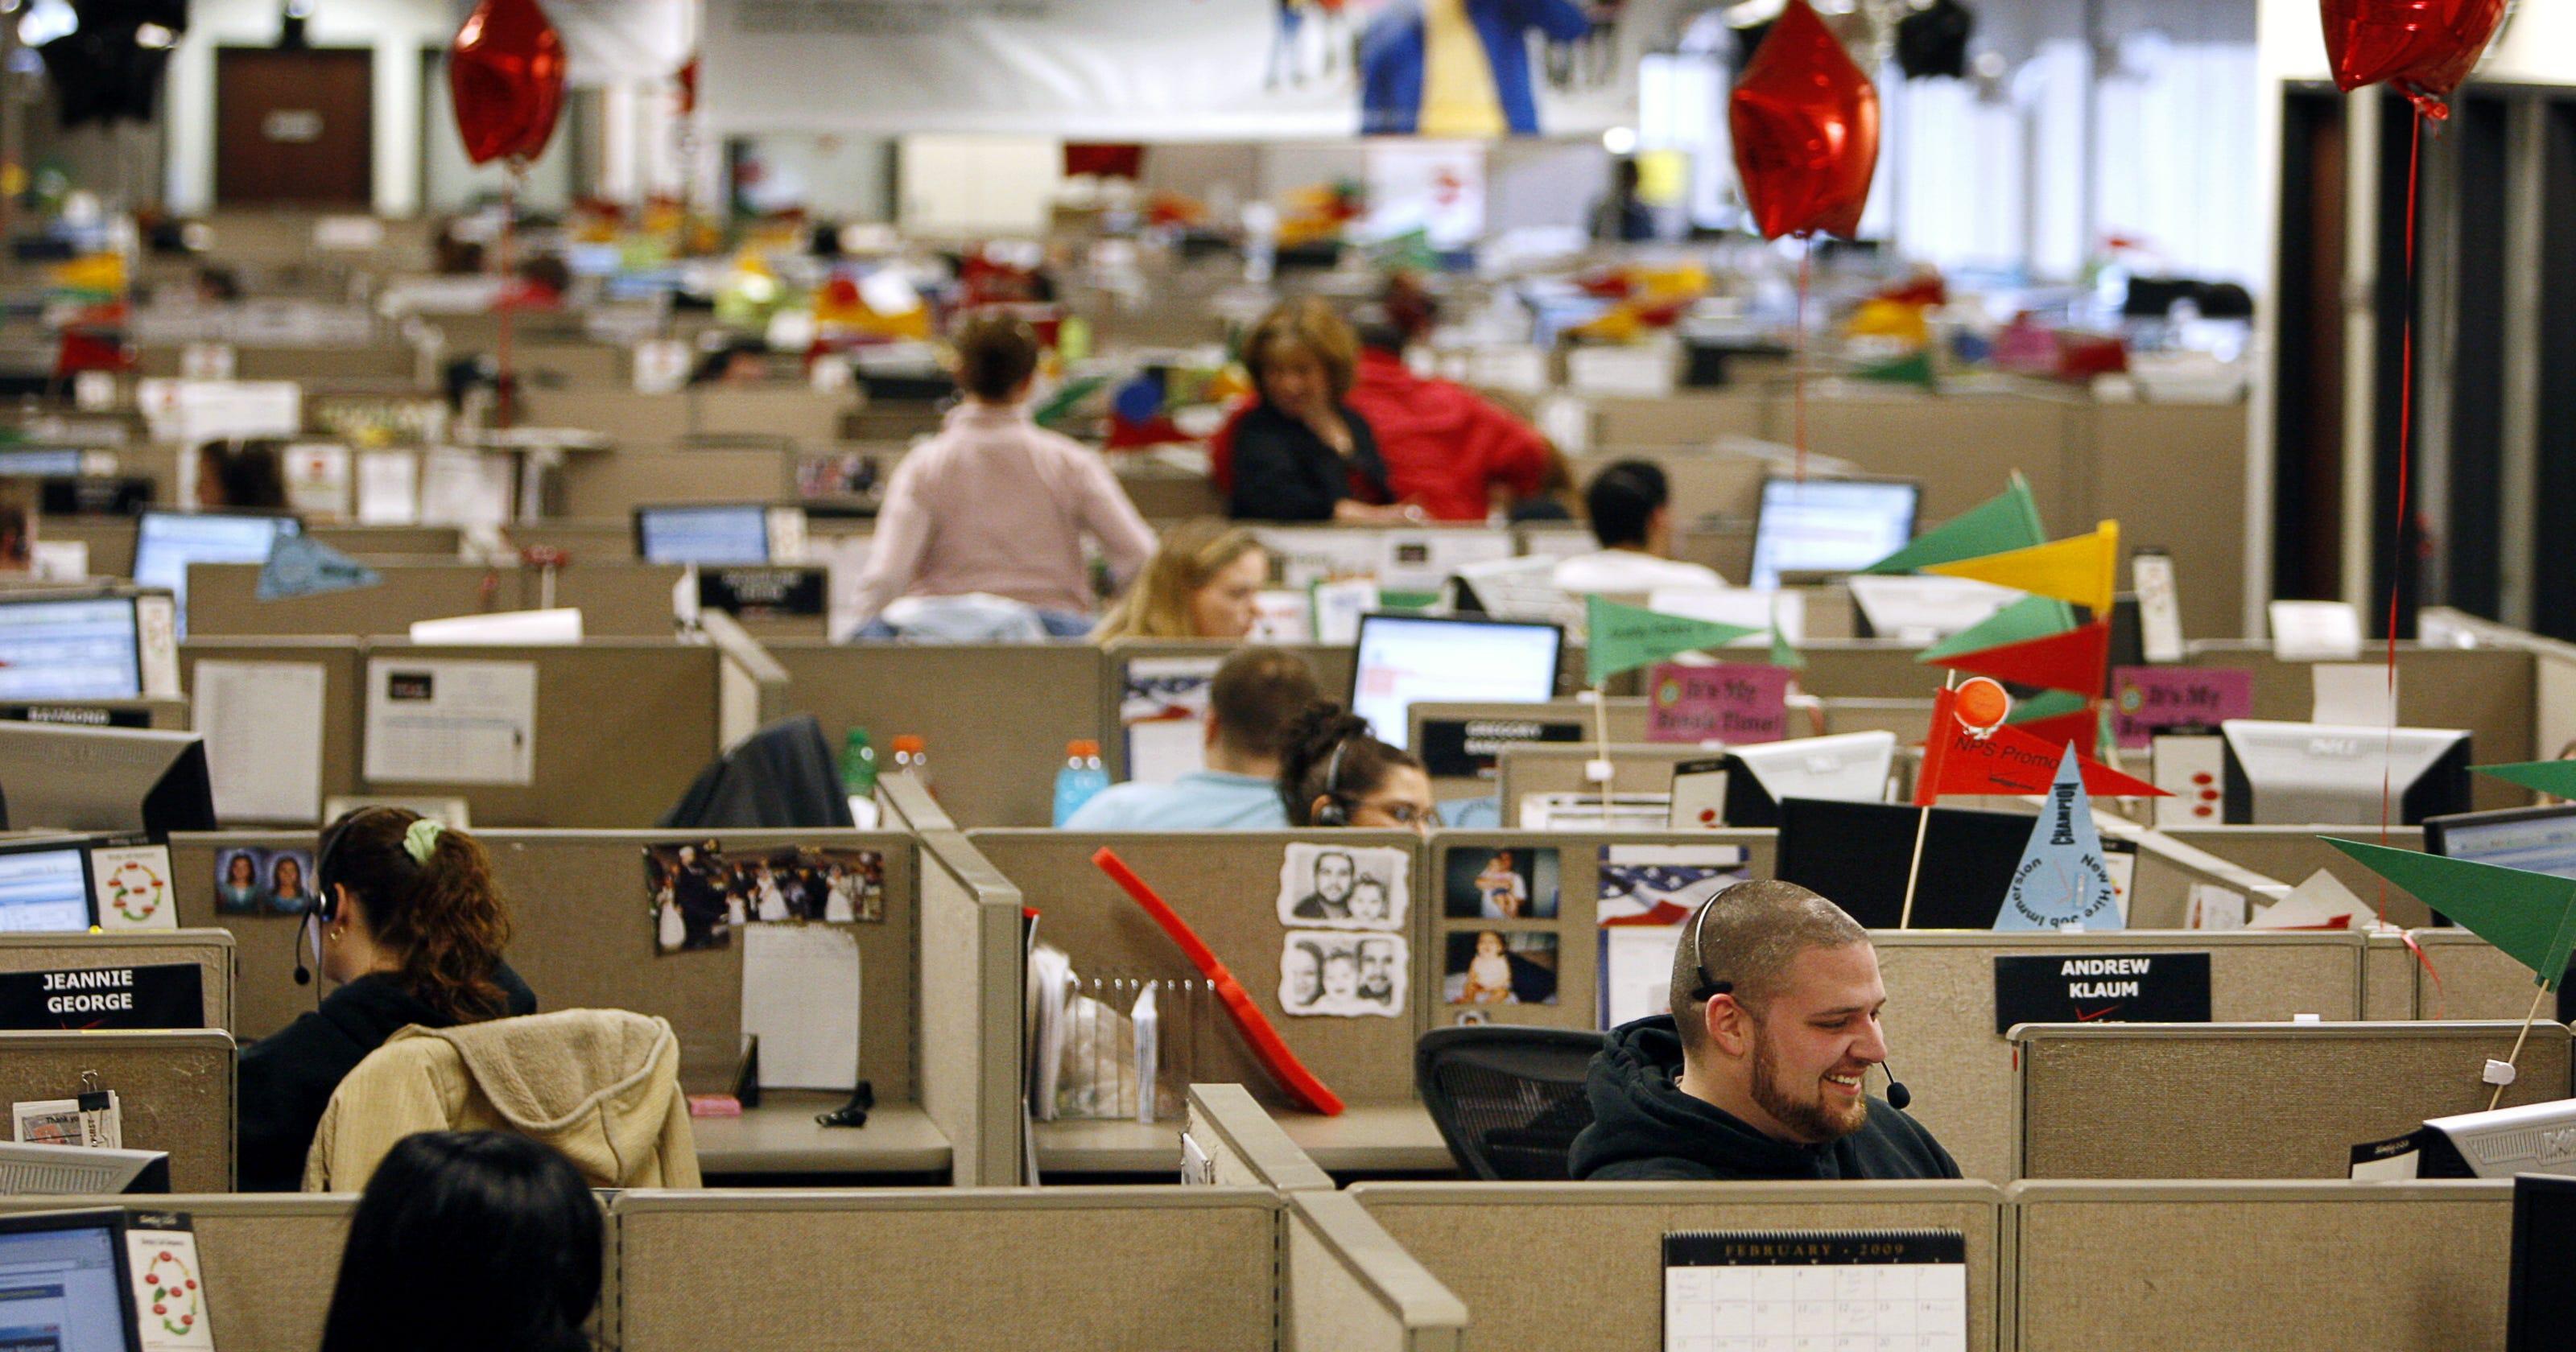 verizon to close henrietta call center; 600 jobs lost